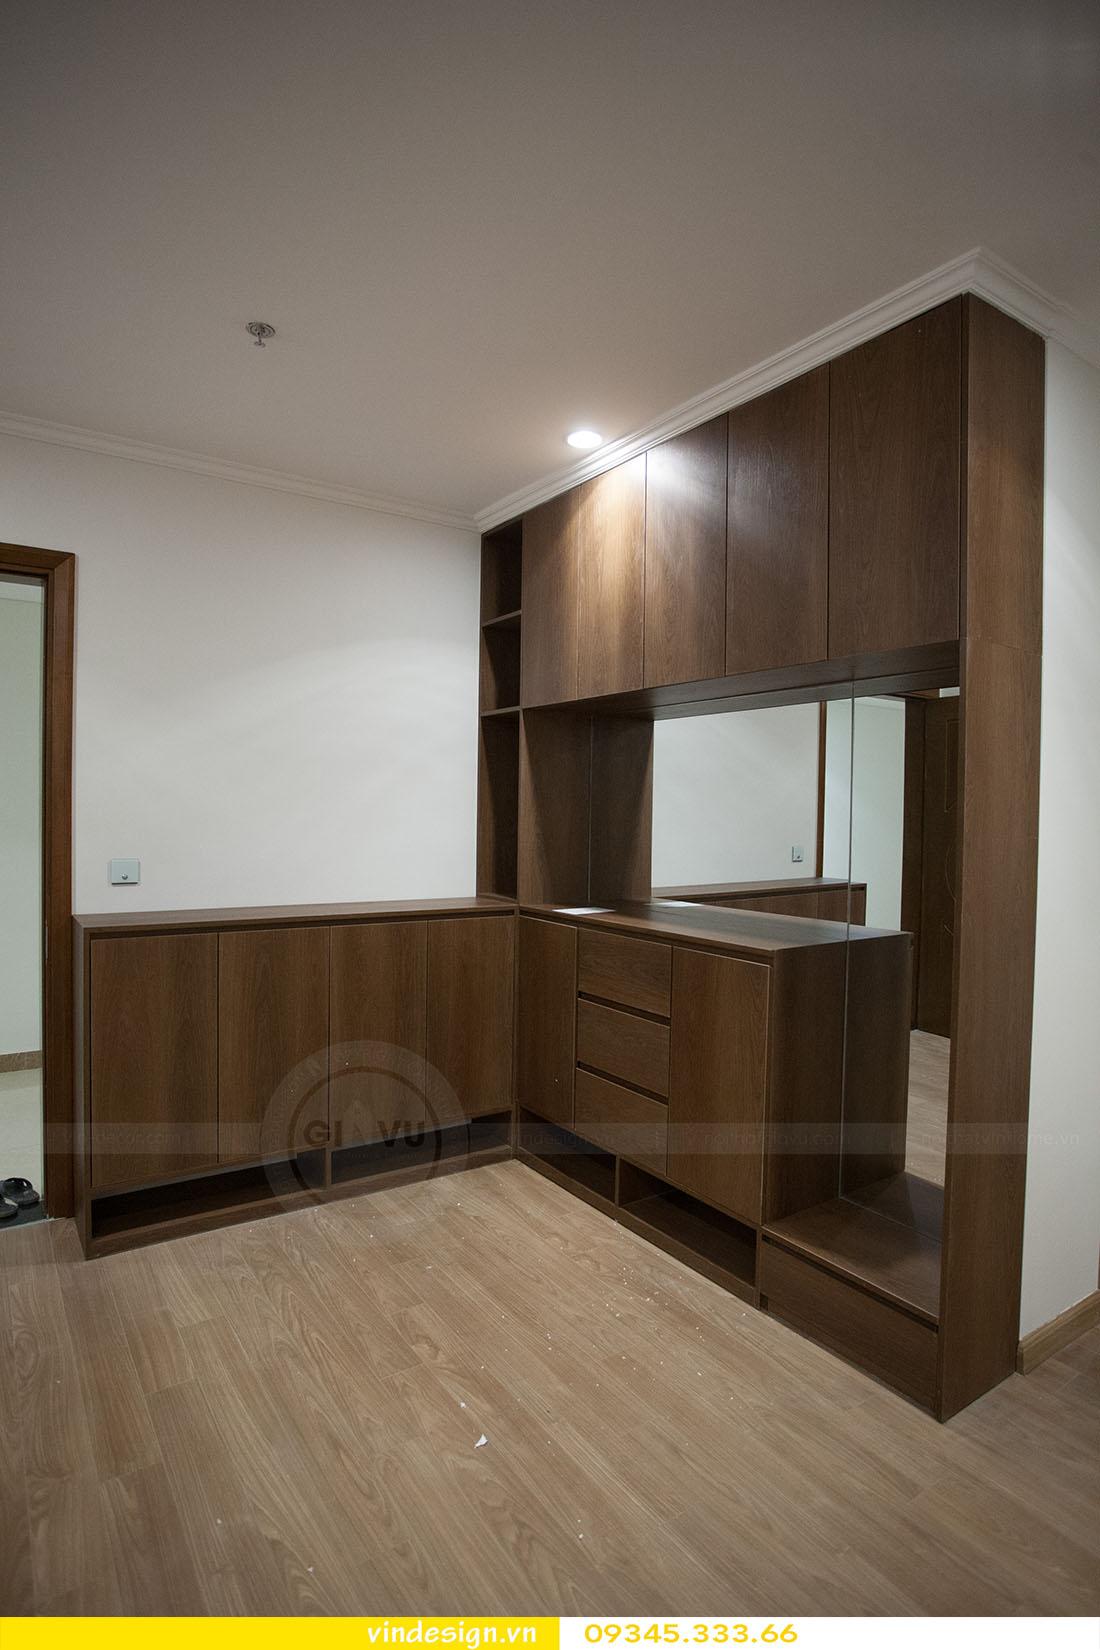 thi công thực tế căn hộ Park Hill P11 căn 11 01